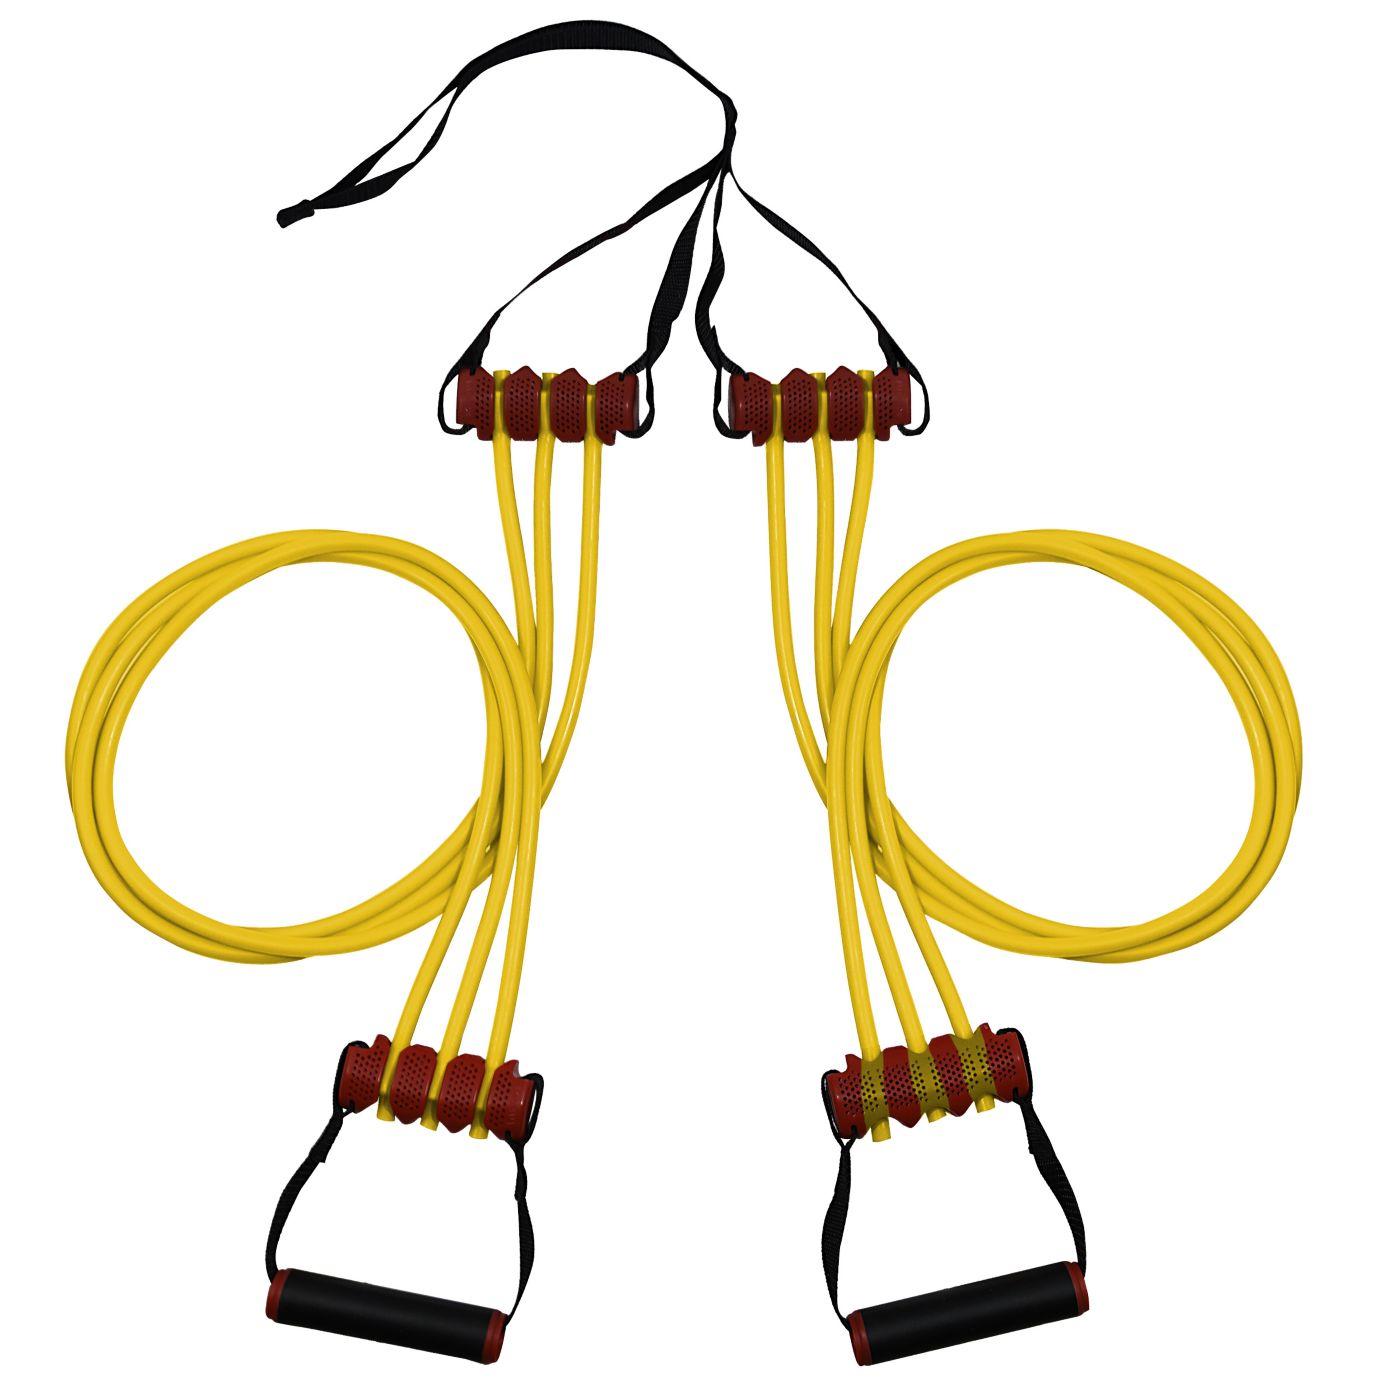 Lifeline Triple Trainer Cable -R7 Resistance